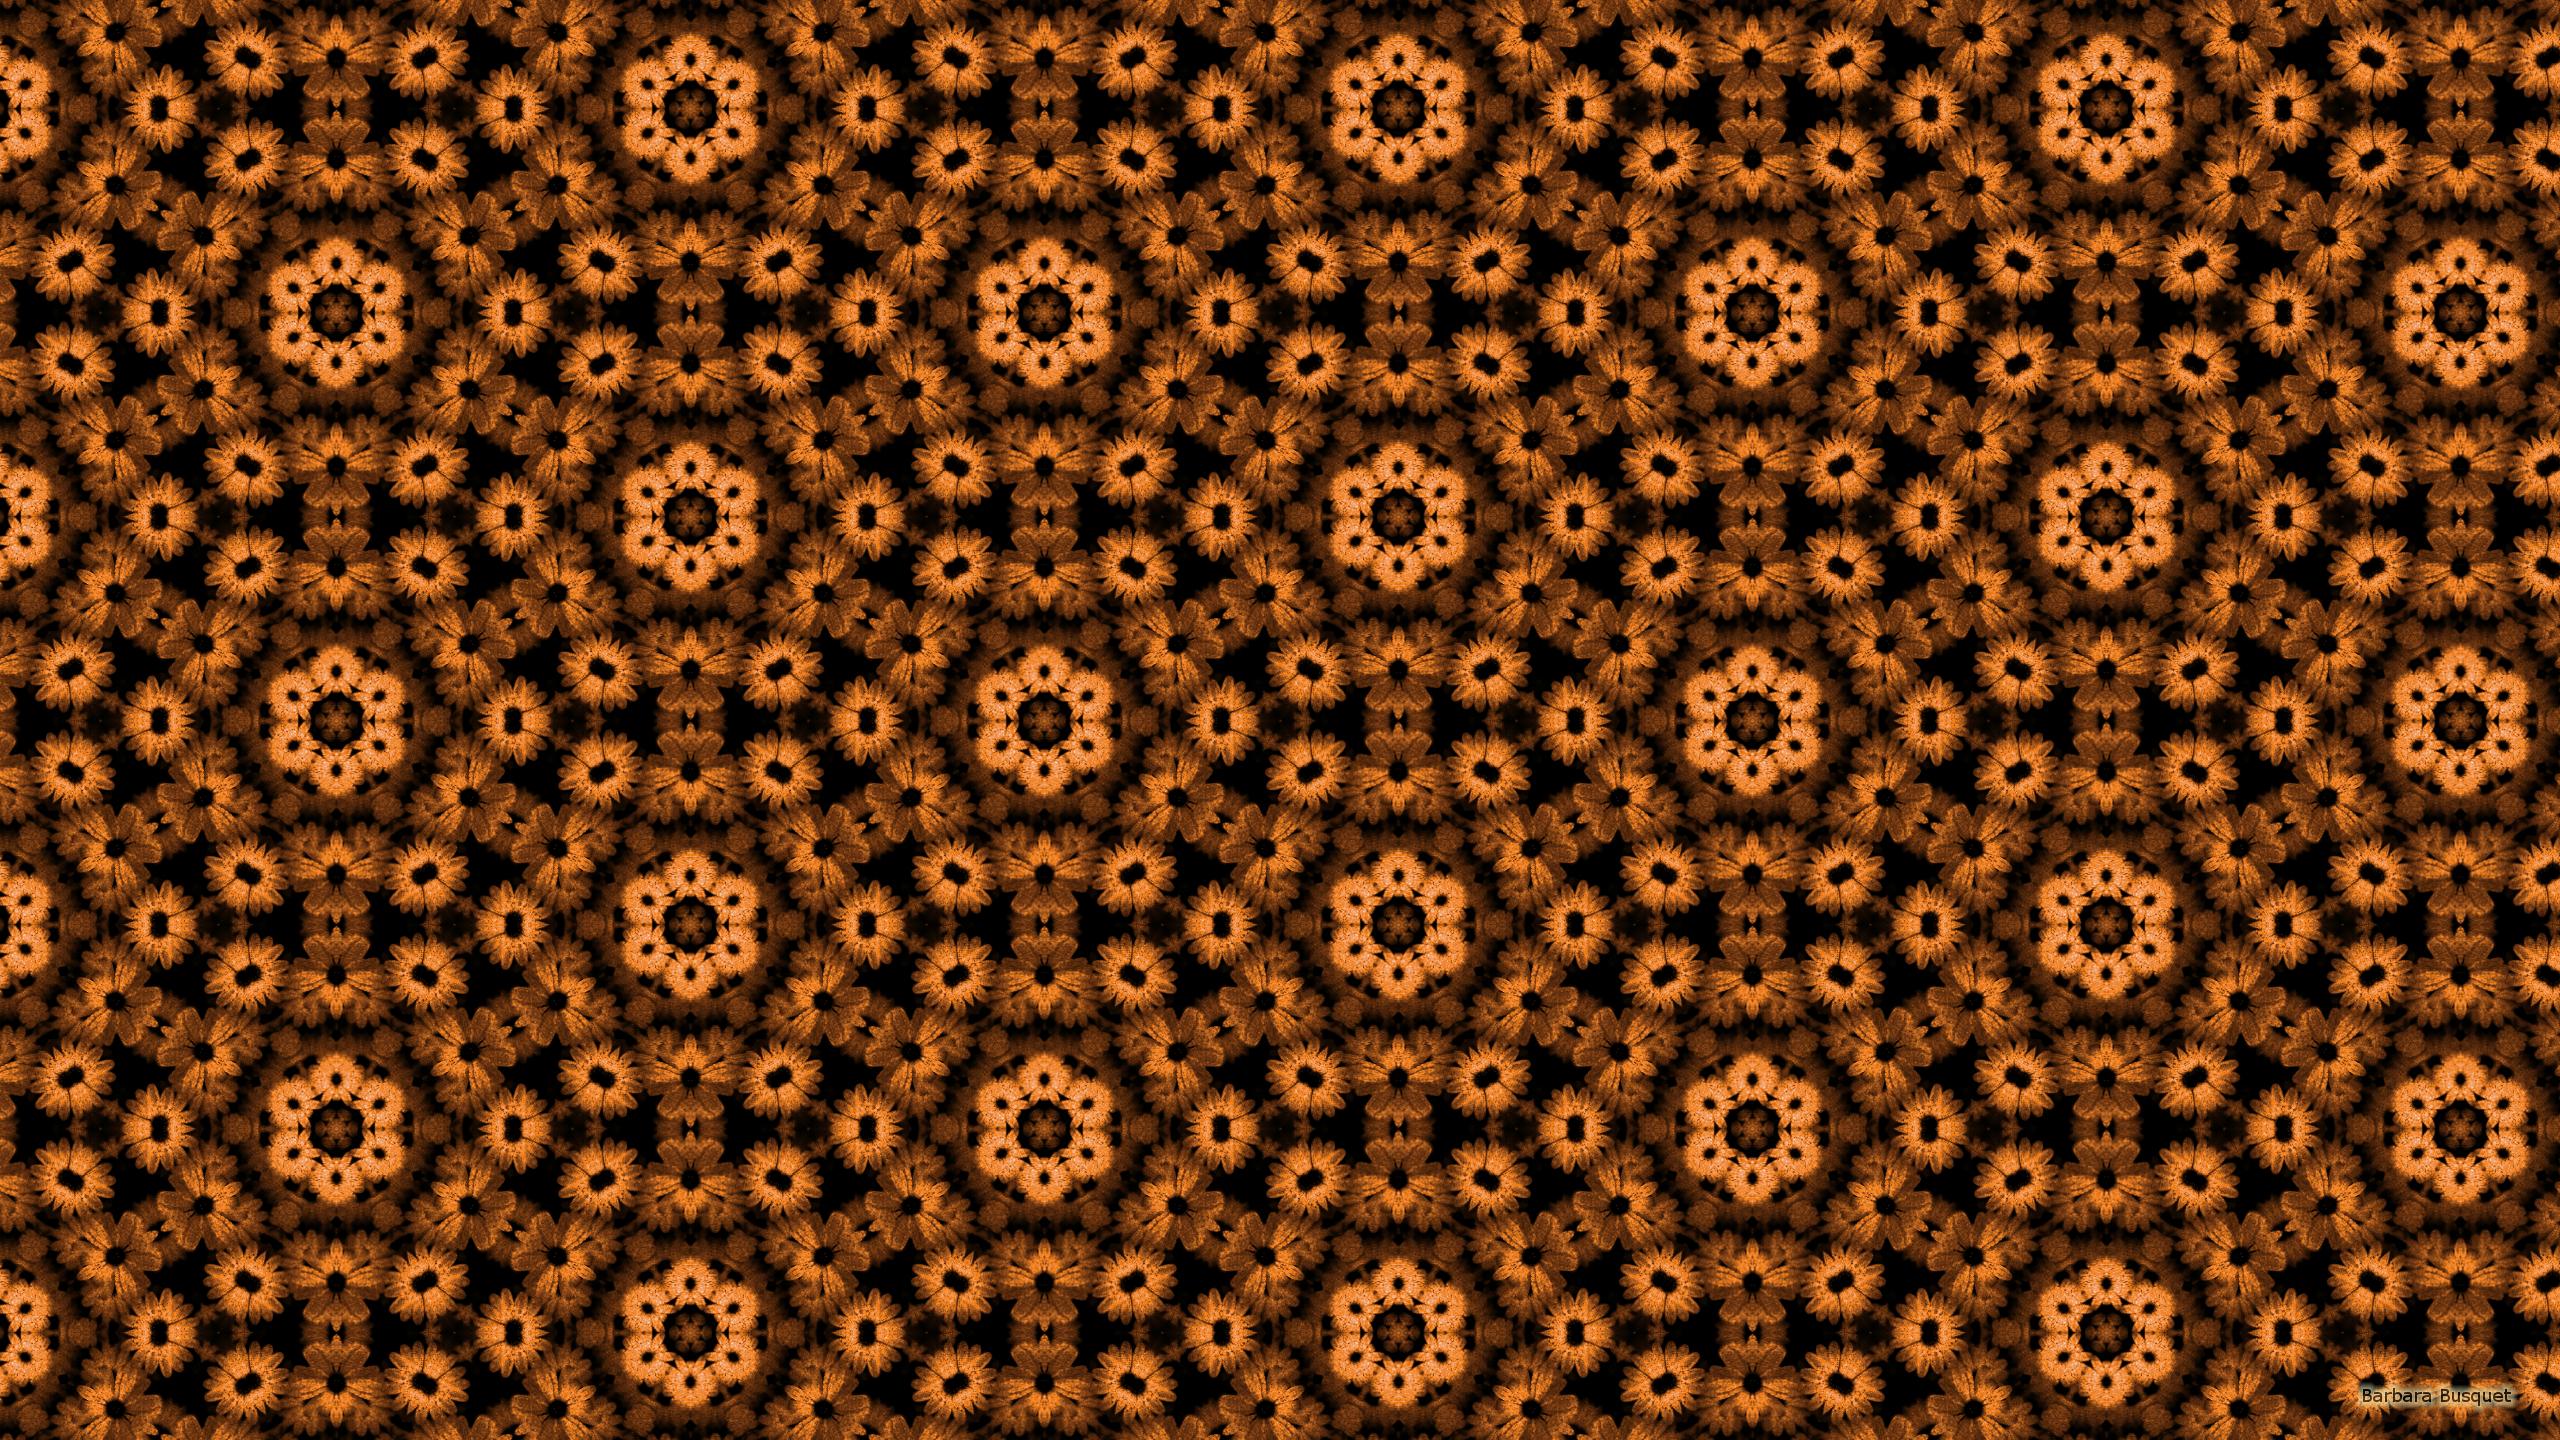 brown pattern wallpaper - photo #13